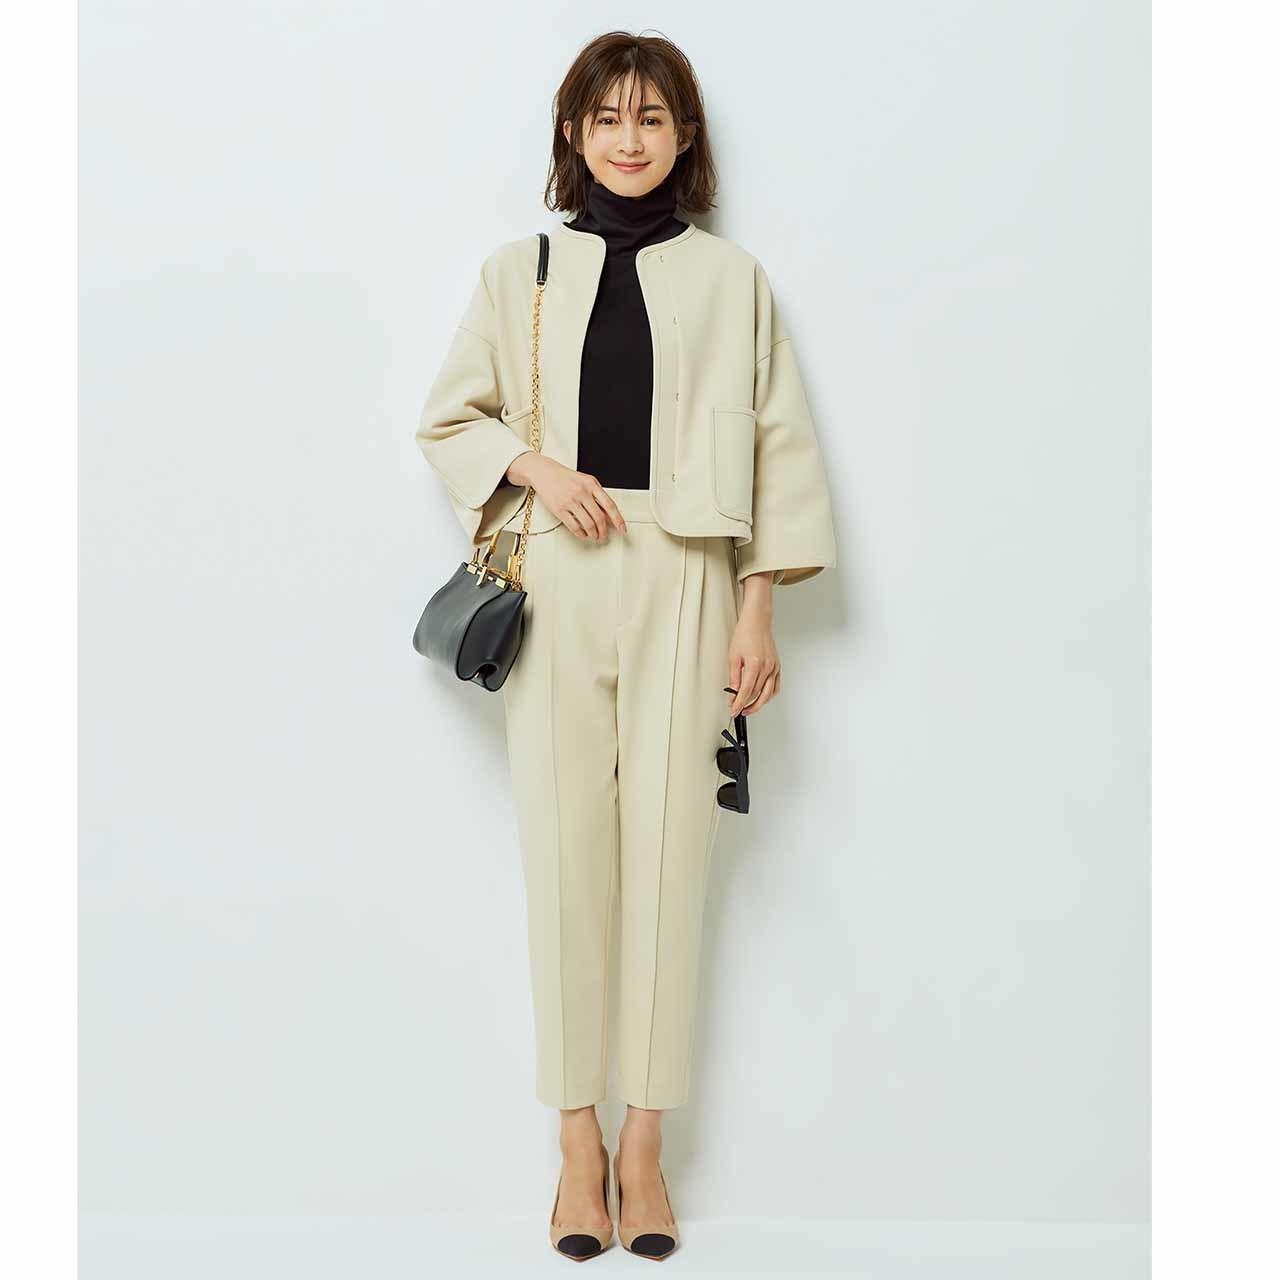 ノーカラージャケット九分丈パンツのセットアップを着たモデルの高垣麗子さん